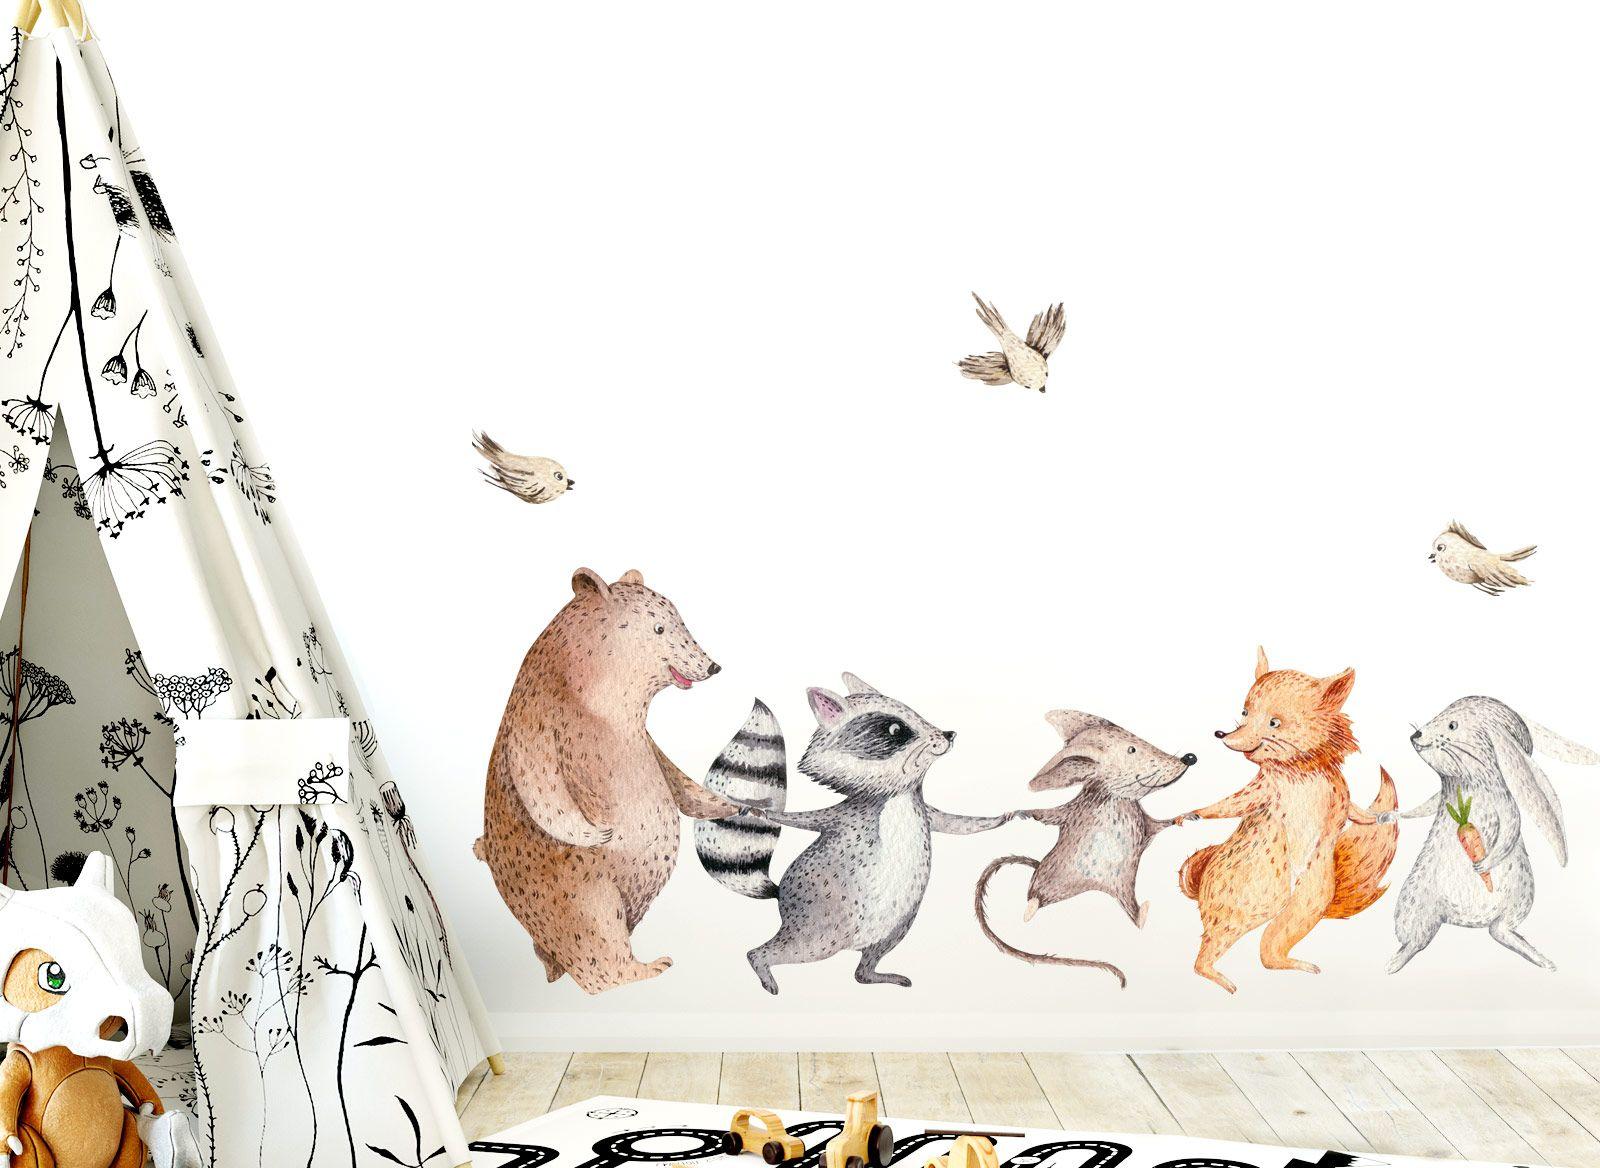 Little Deco Wandtattoo Waldtiere Hand In Hand Dl148 Wandtattoo Waldtiere Wandtattoo Kinderzimmer Tiere Wandtattoo Babyzimmer